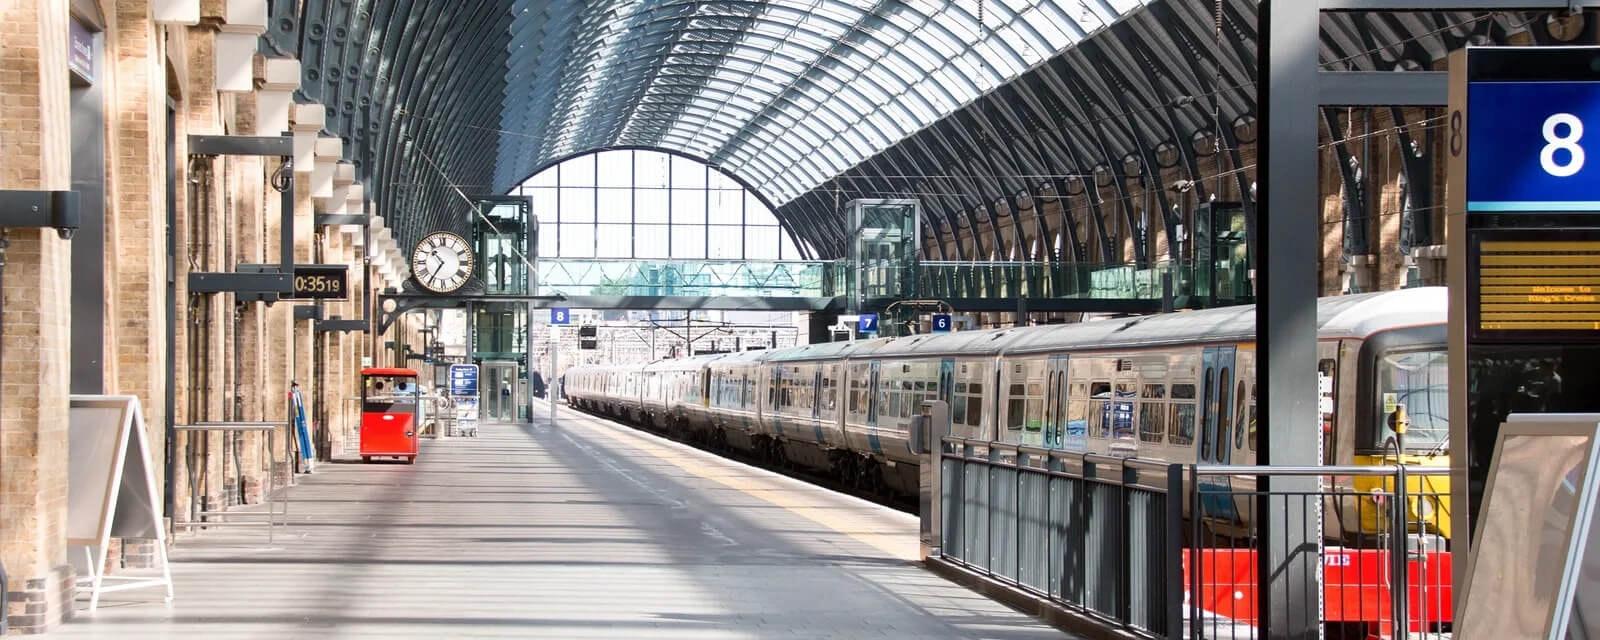 kings-cross-train-station